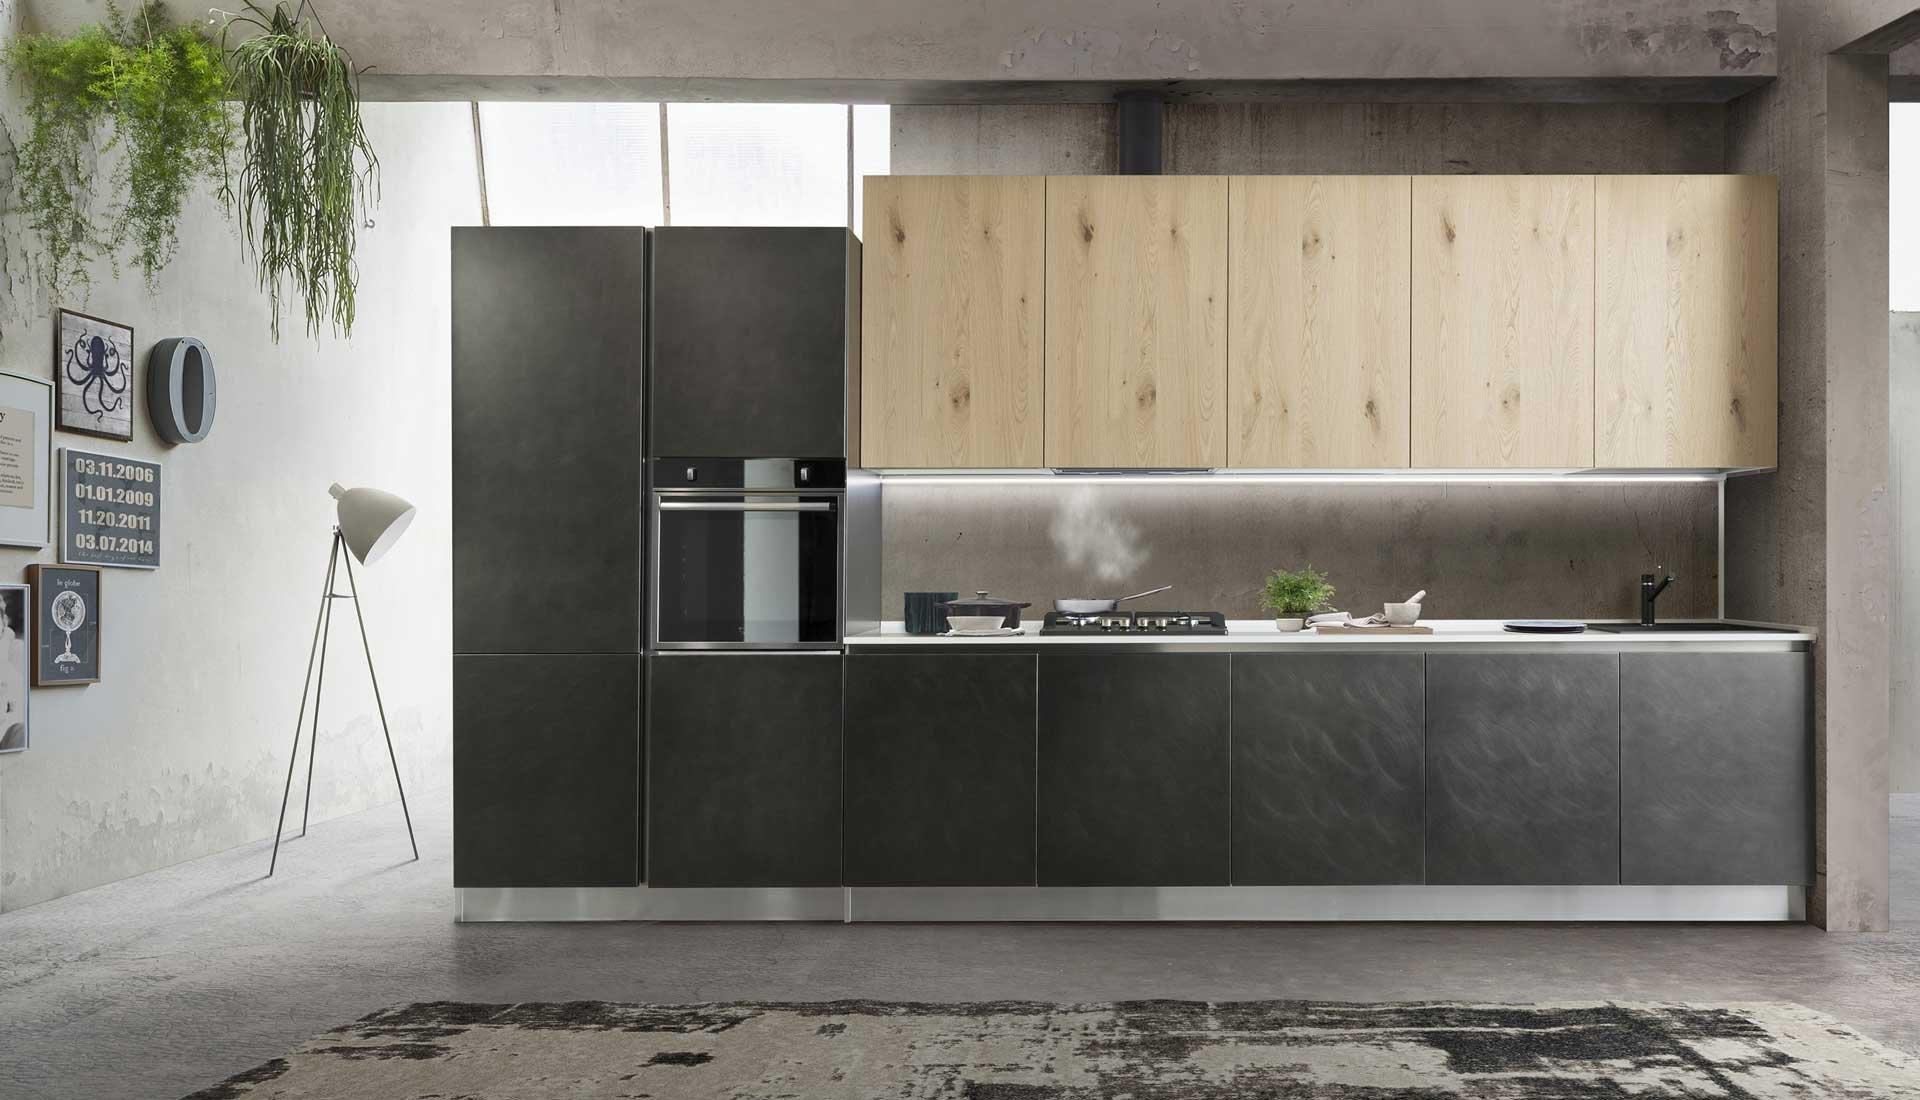 Credenza La Dolce Vita : Cucine in legno affiancando la materialità del rovere dolce